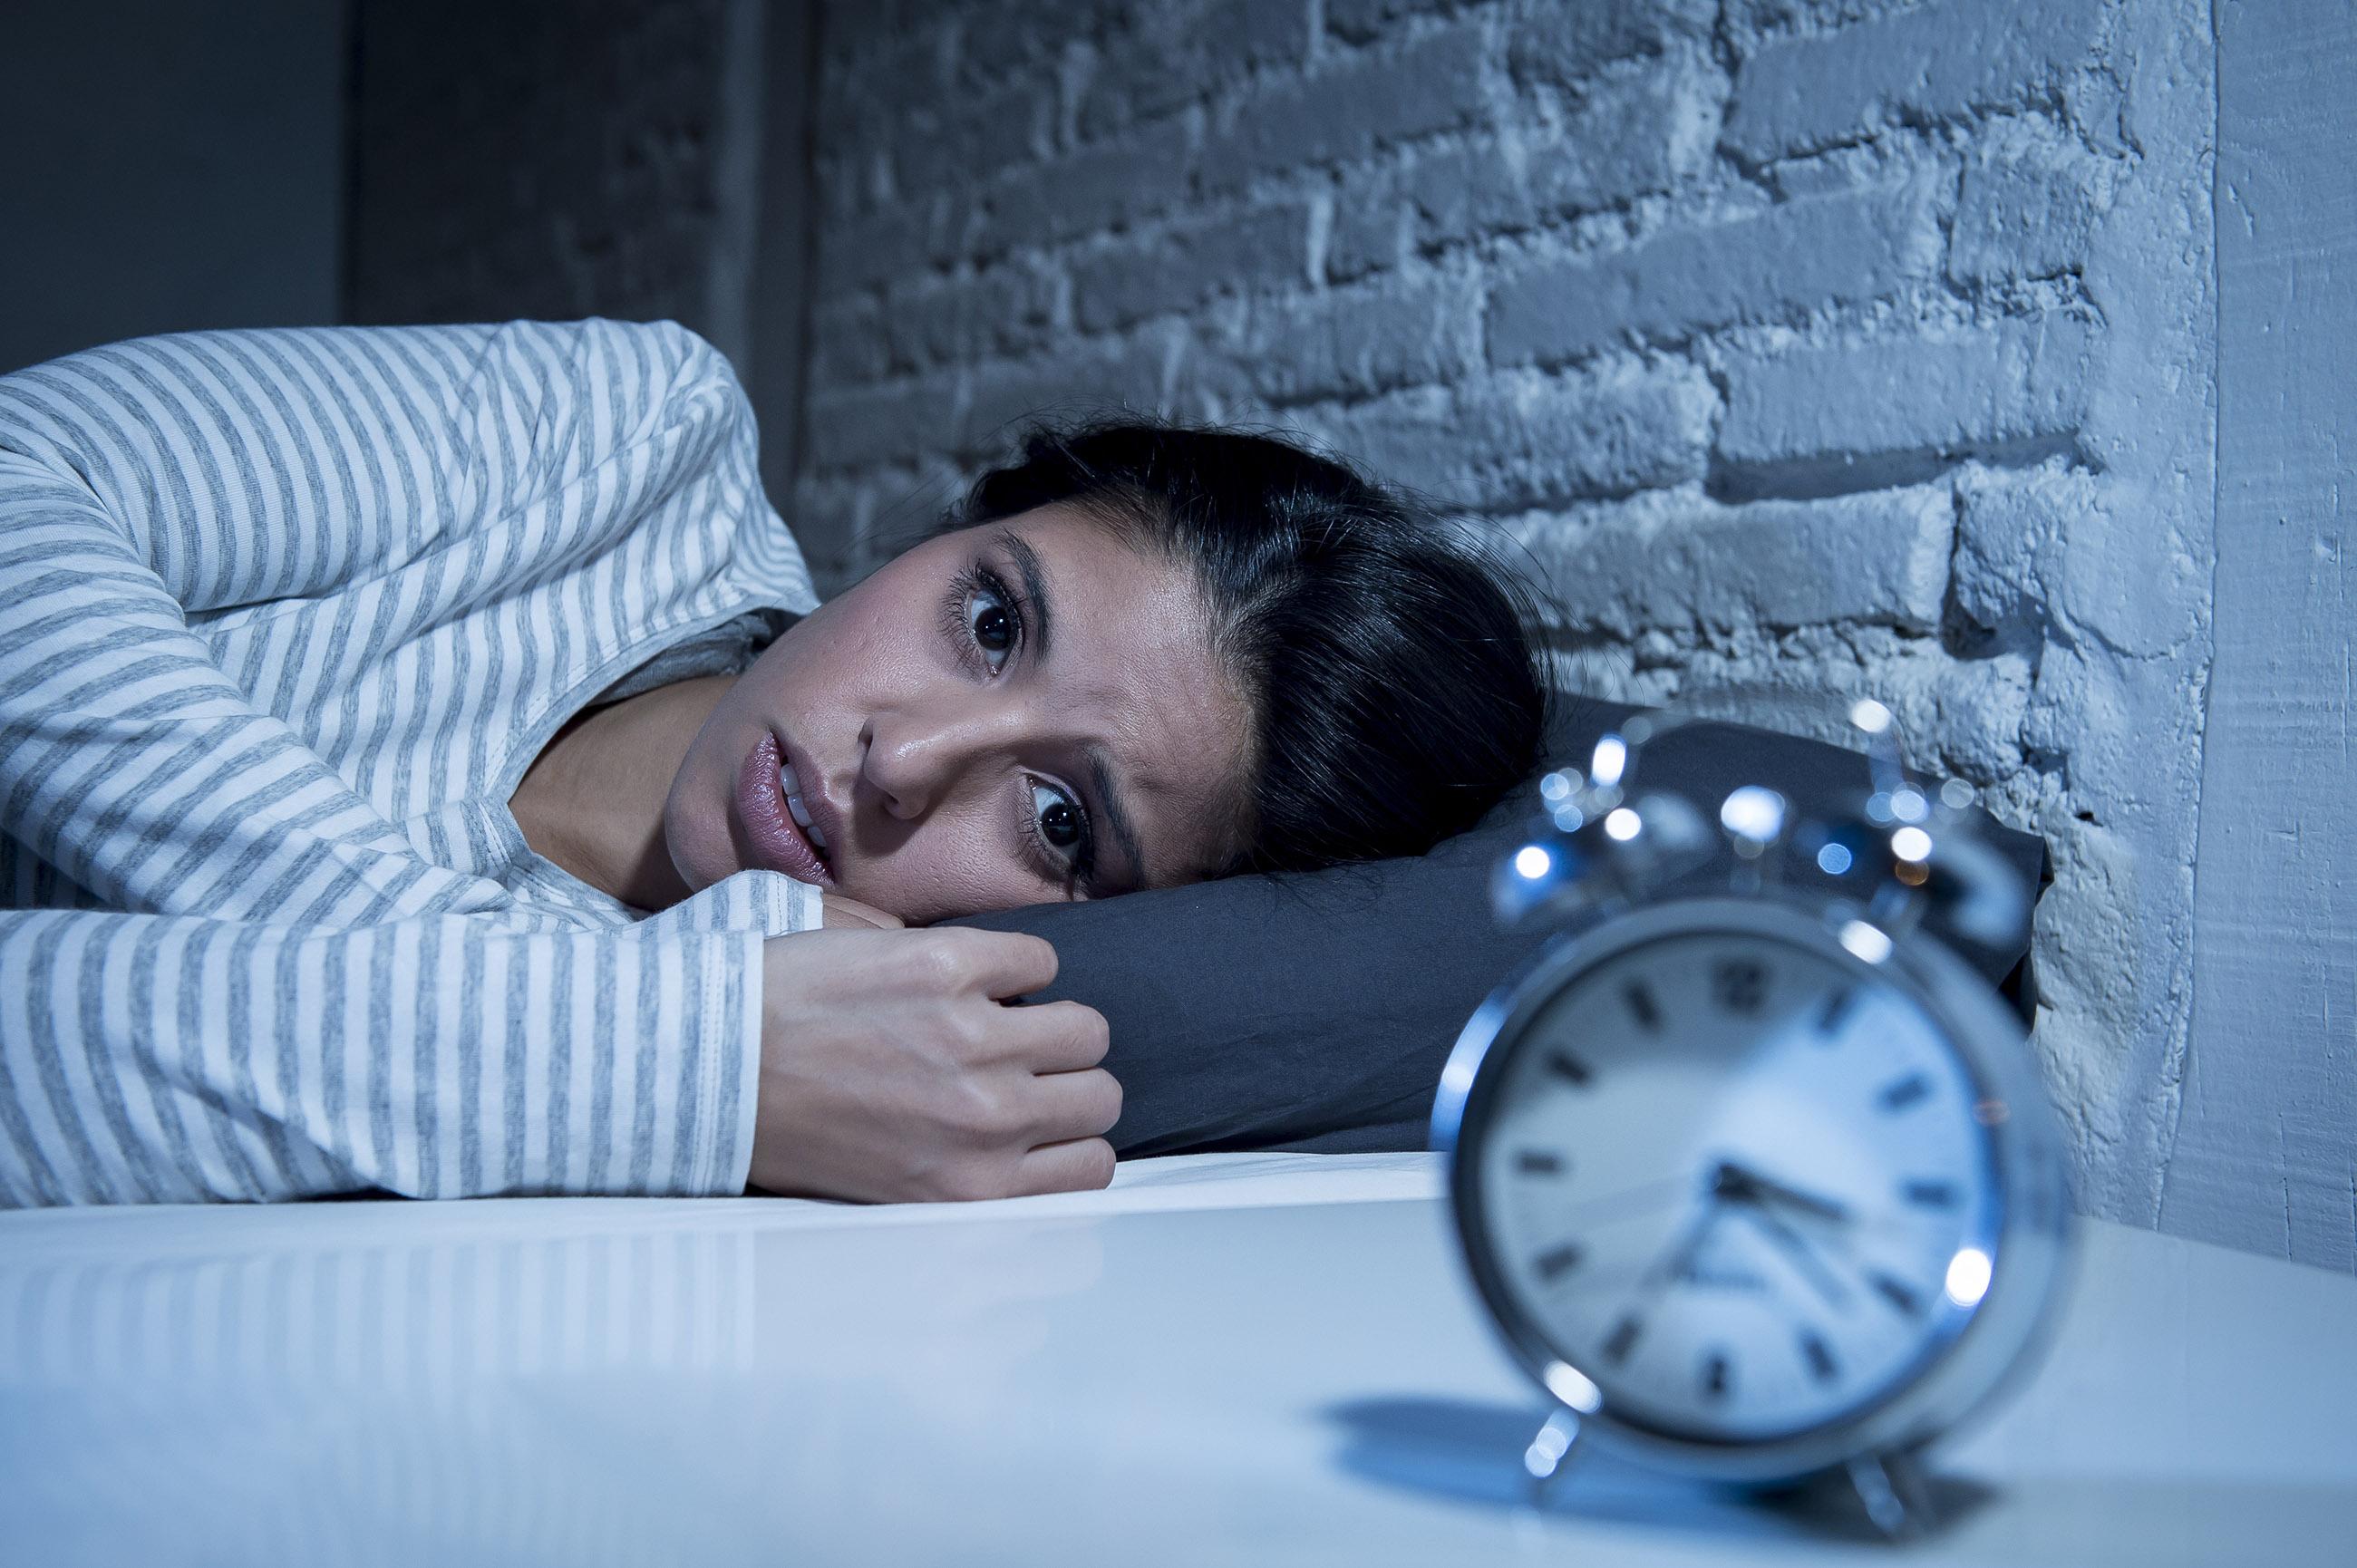 Fotografía de una mujer tumbada en la cama y mirando con ansiedad un despertador que hay enfrente.